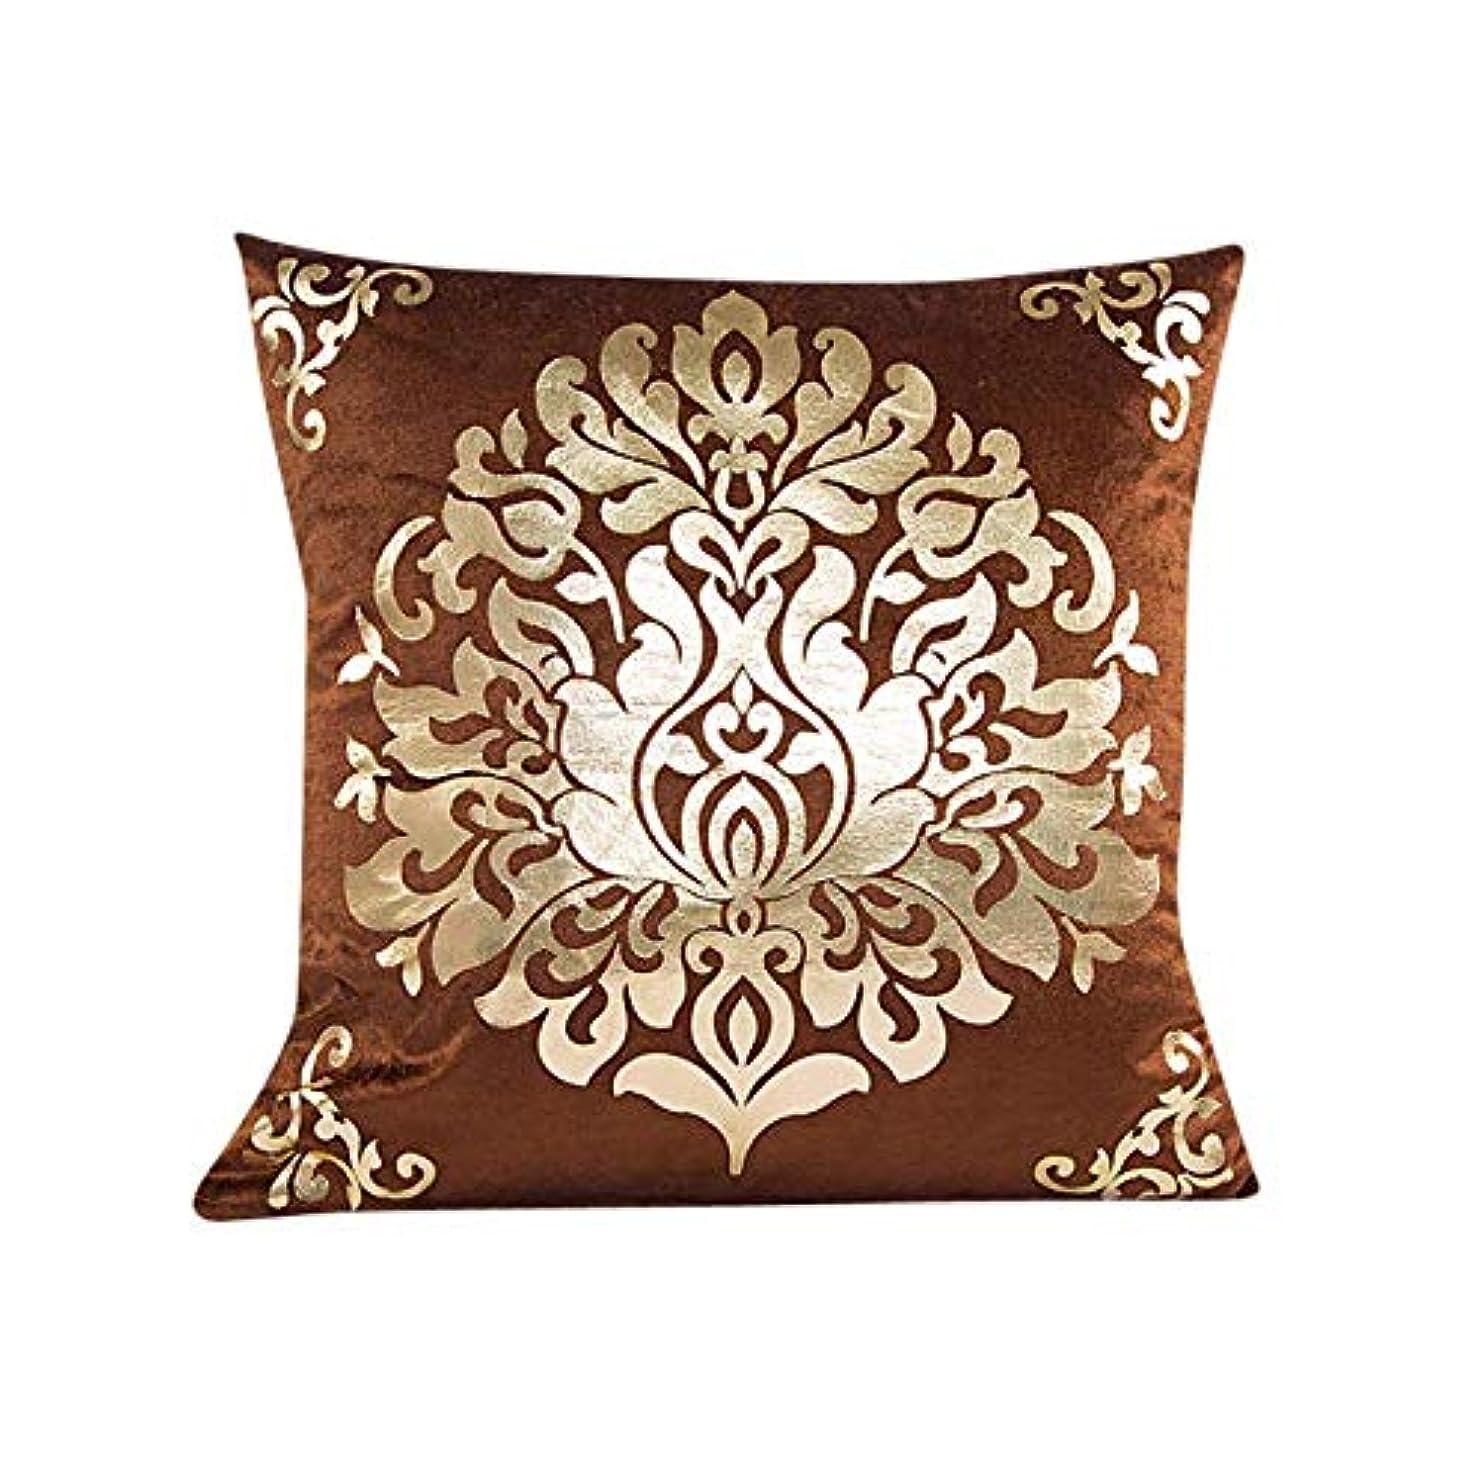 衝突コースマージサンドイッチLIFE MUQGEW ホット販売クラシック枕ソファ投げるクッション家の装飾 coussin ホームクッション クッション 椅子